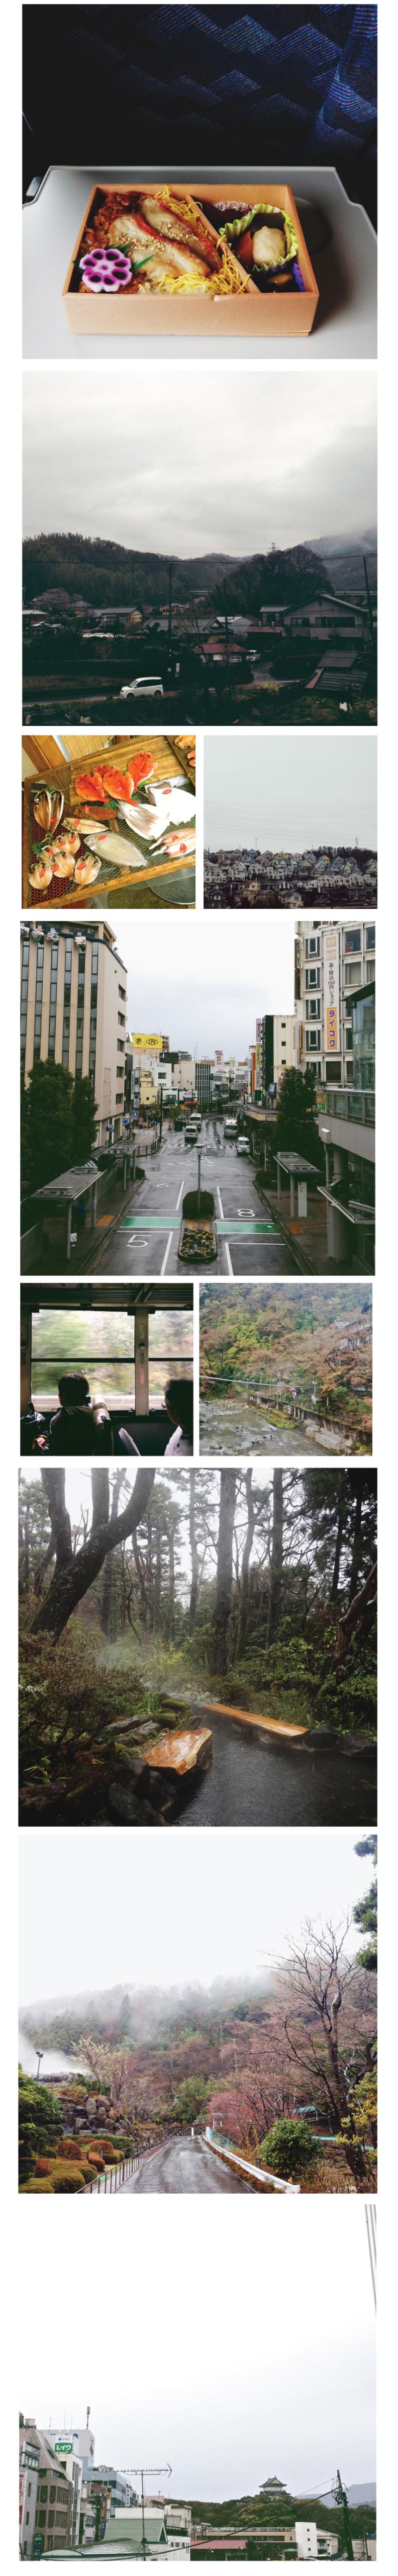 Hakone-Odawara